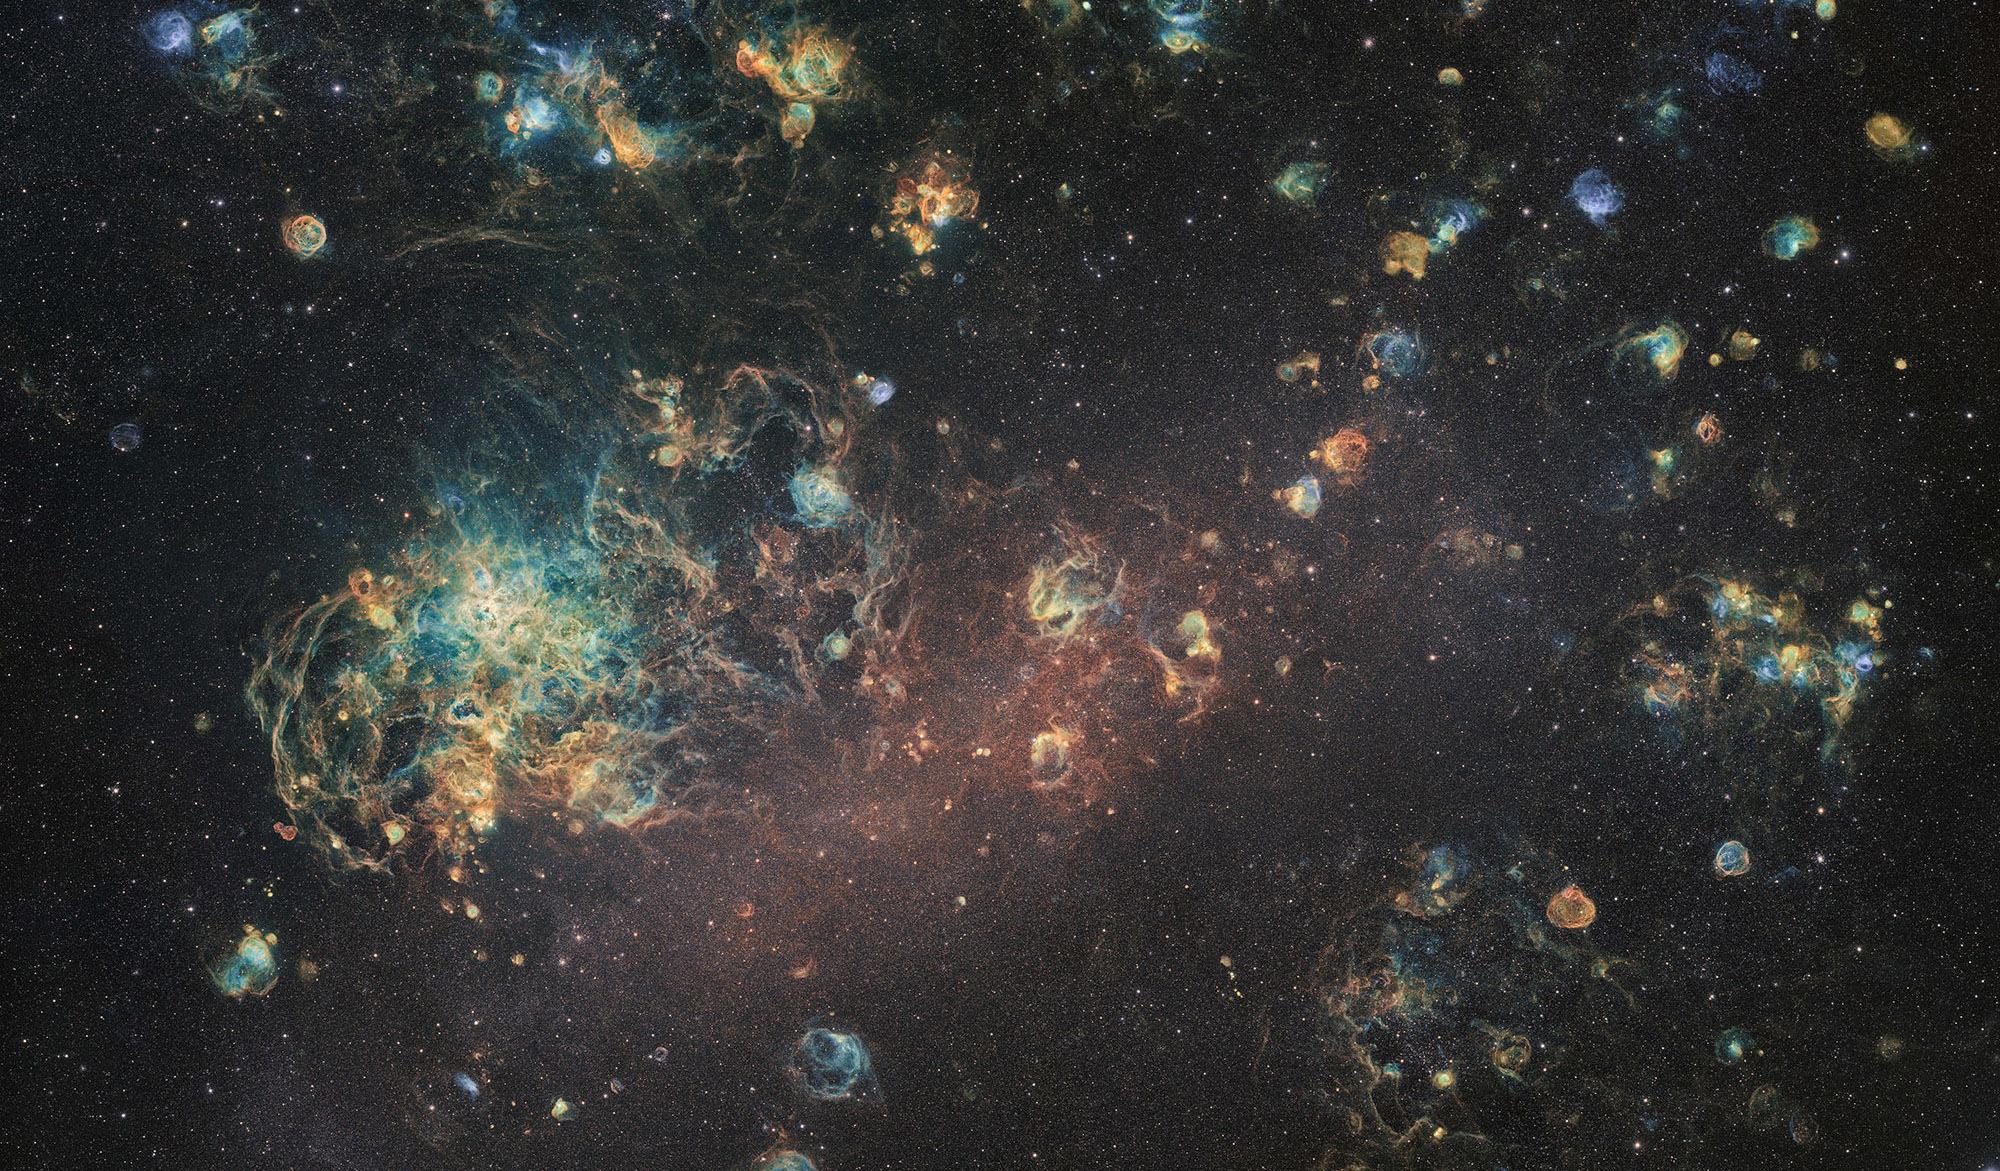 Астрономам-любителям удалось сделать невероятно детализированный снимок чужой галактики